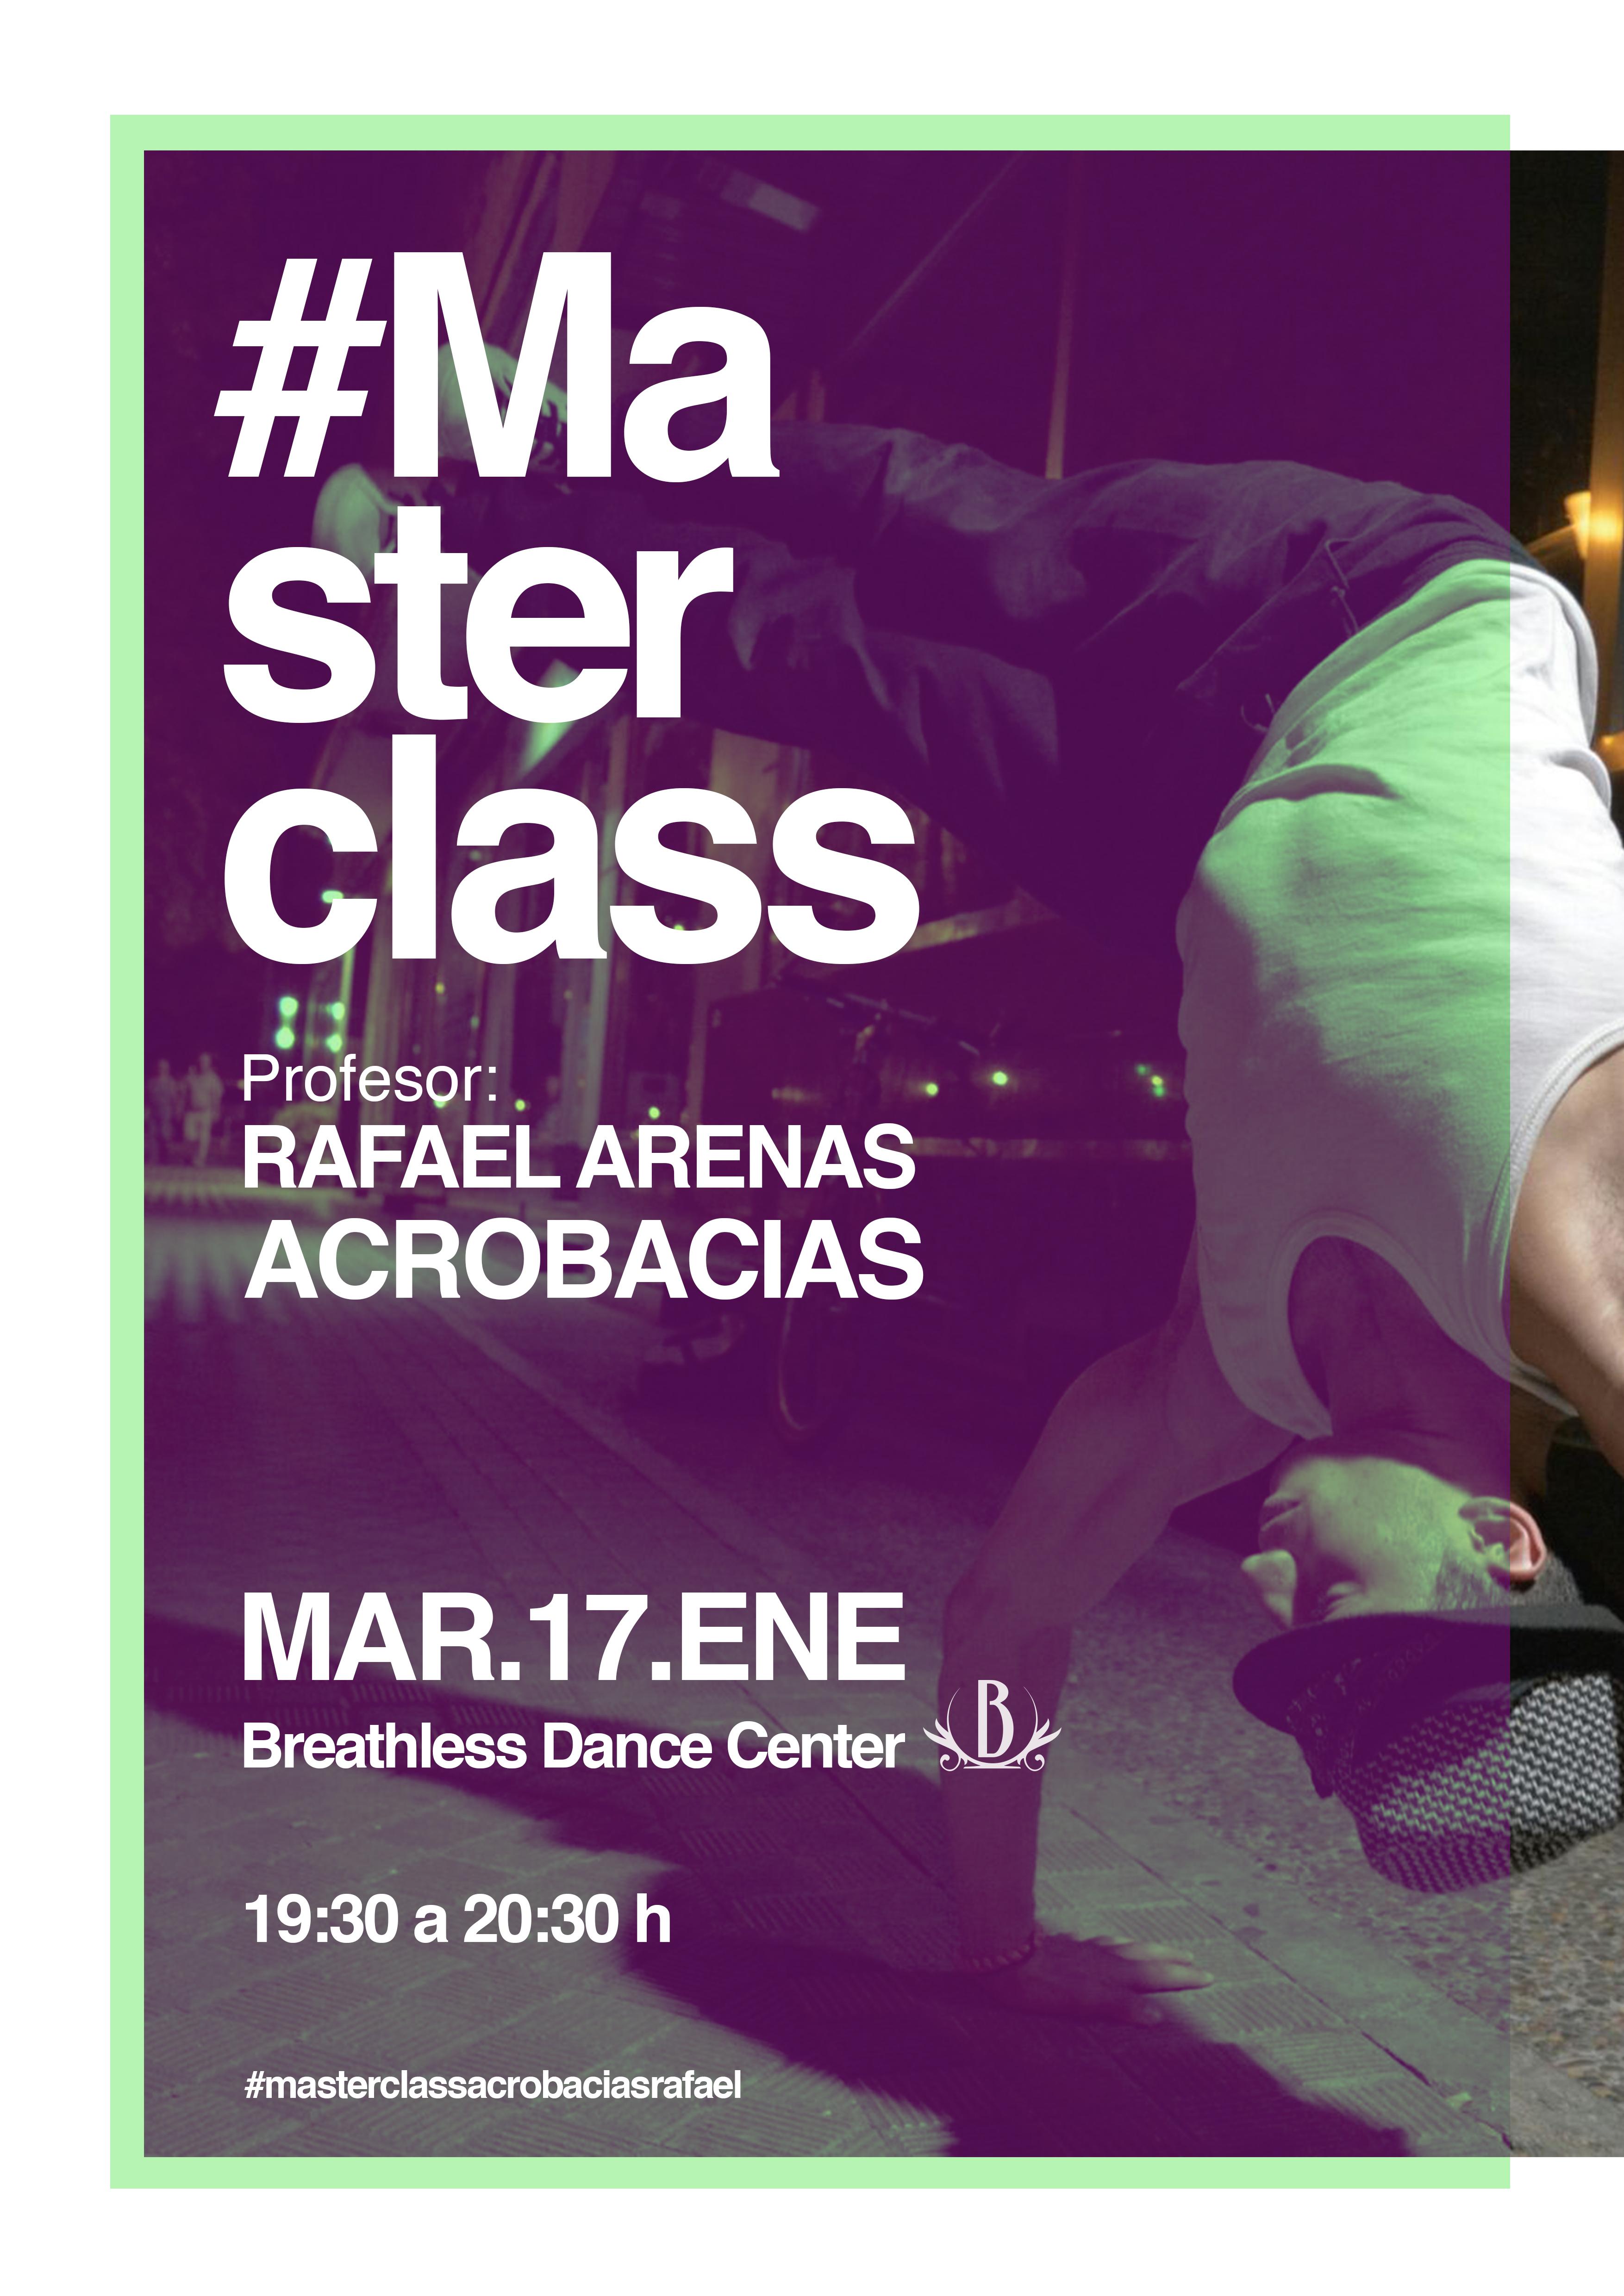 rafael_arenas